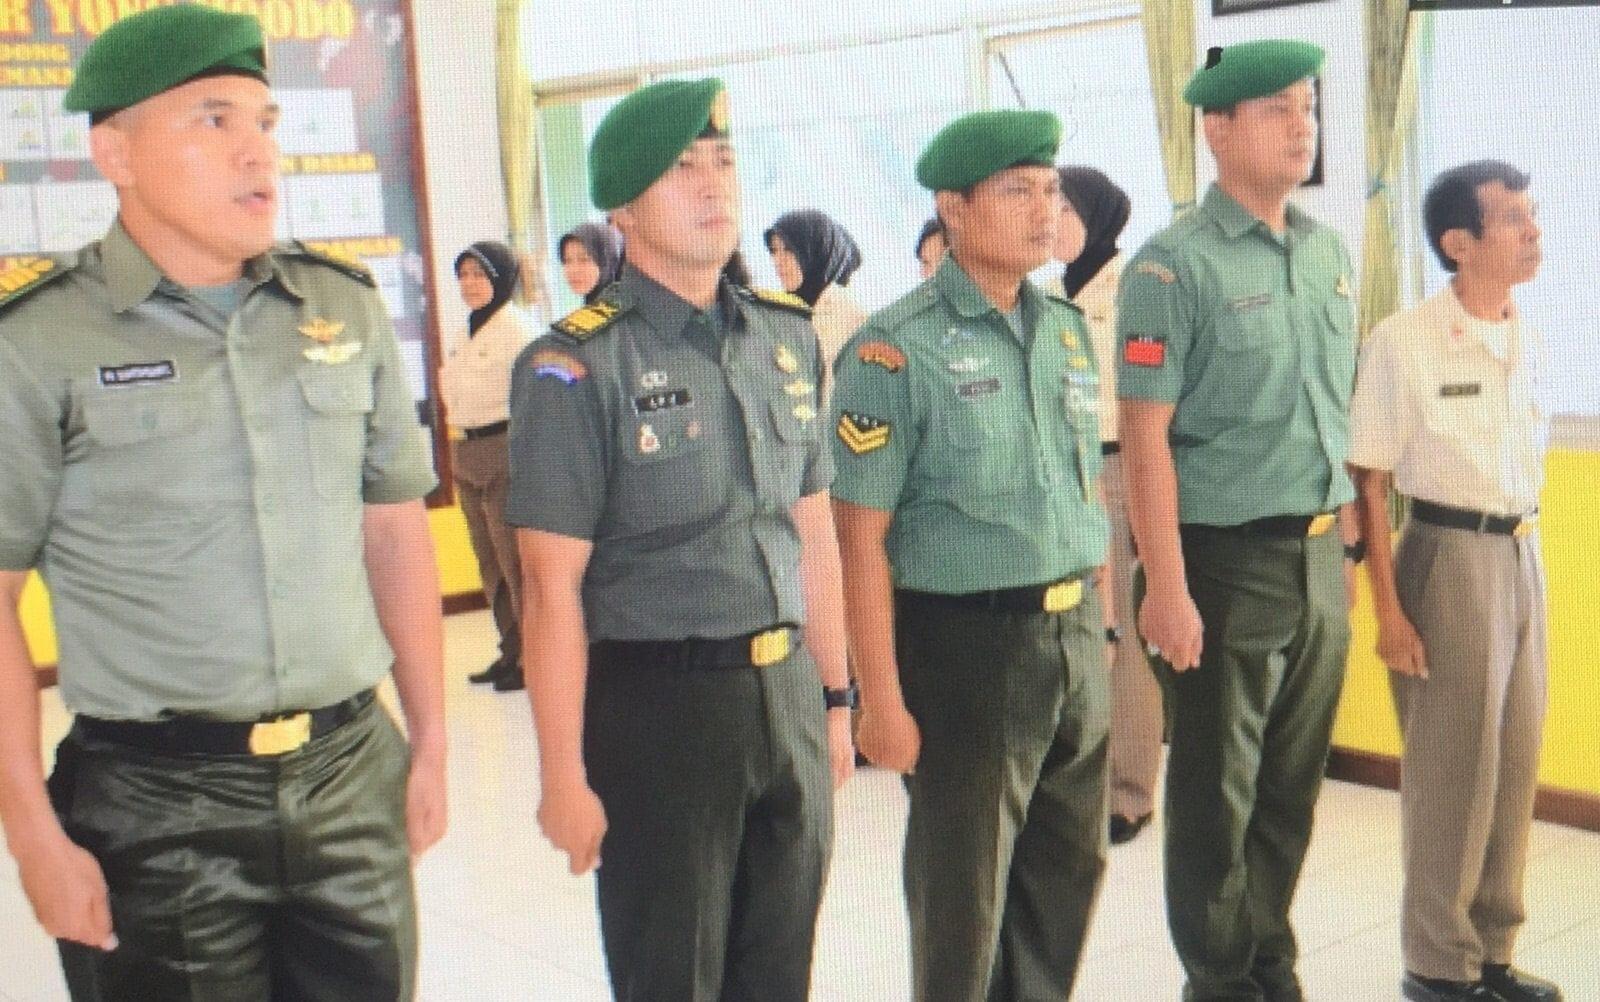 Kapendam Jaya Terima Laporan Korps Kenaikan Pangkat Anggota Pendam Jaya